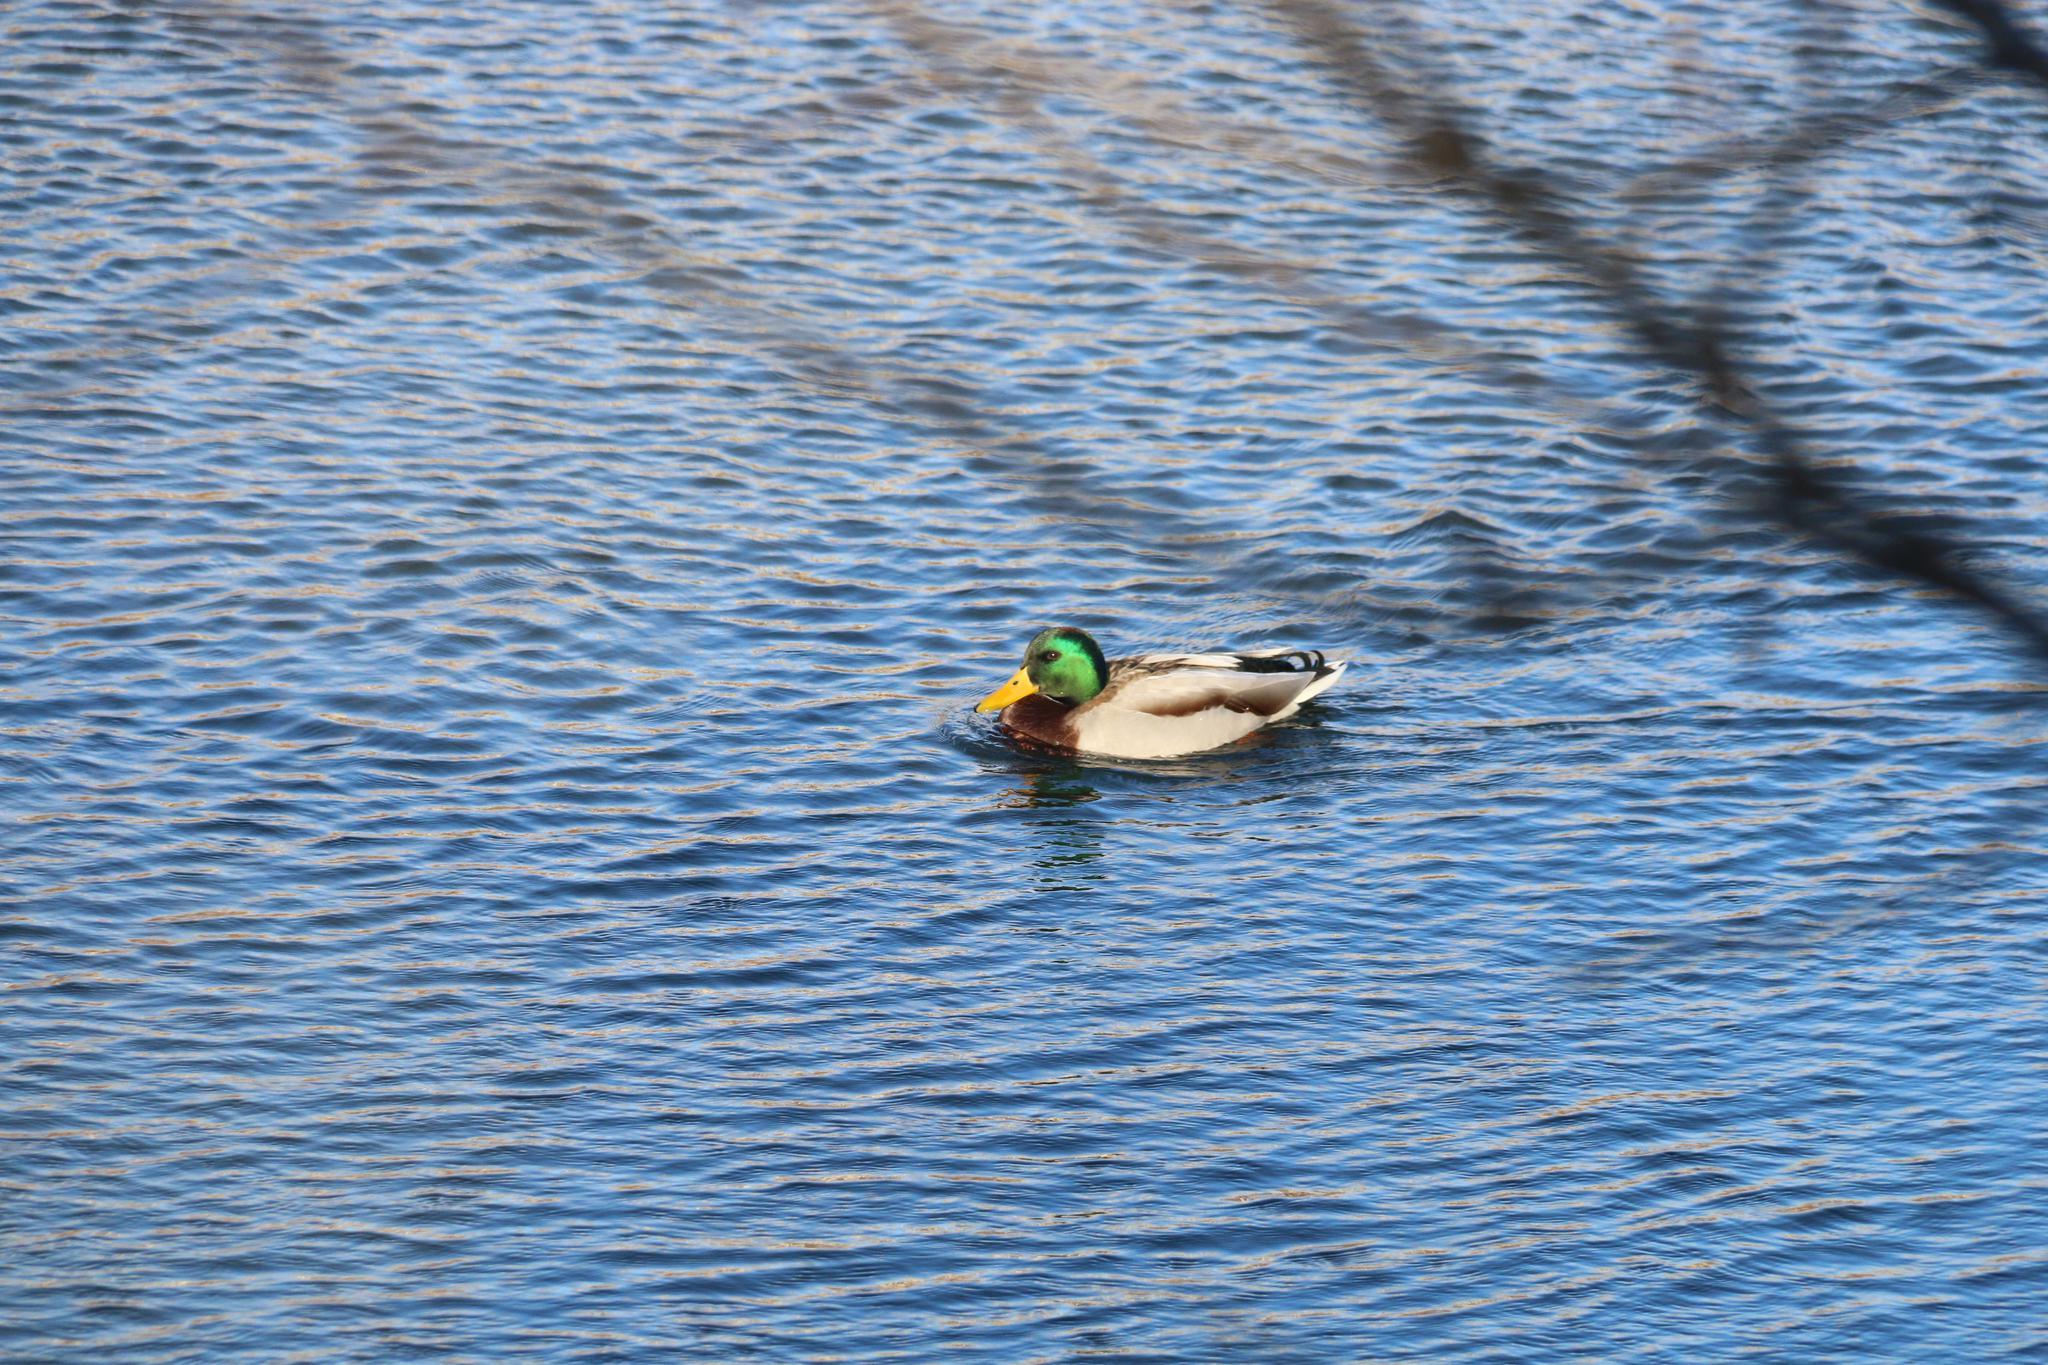 门前大桥下 游过一群快乐的小野鸭